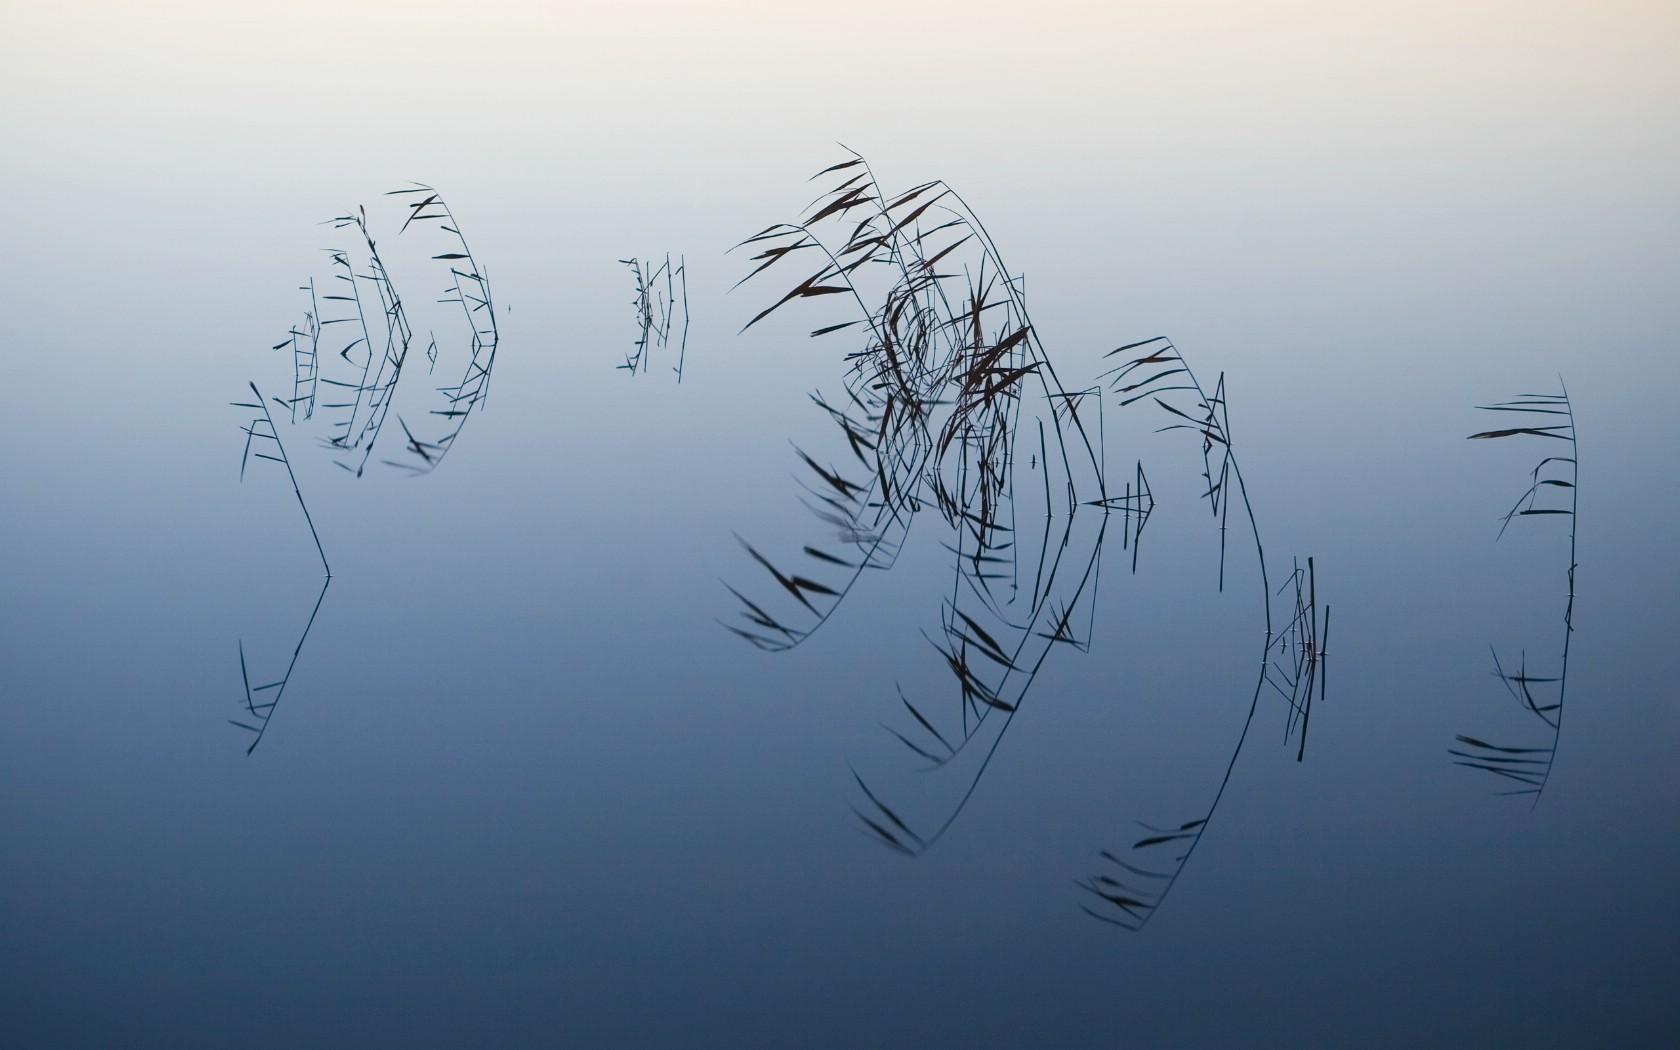 壁纸1680×1050苹果2009最新系统 Snow Leopard 雪豹 全套官方宽屏壁纸 2560 1600 壁纸16壁纸 苹果2009最新系统壁纸图片系统壁纸系统图片素材桌面壁纸